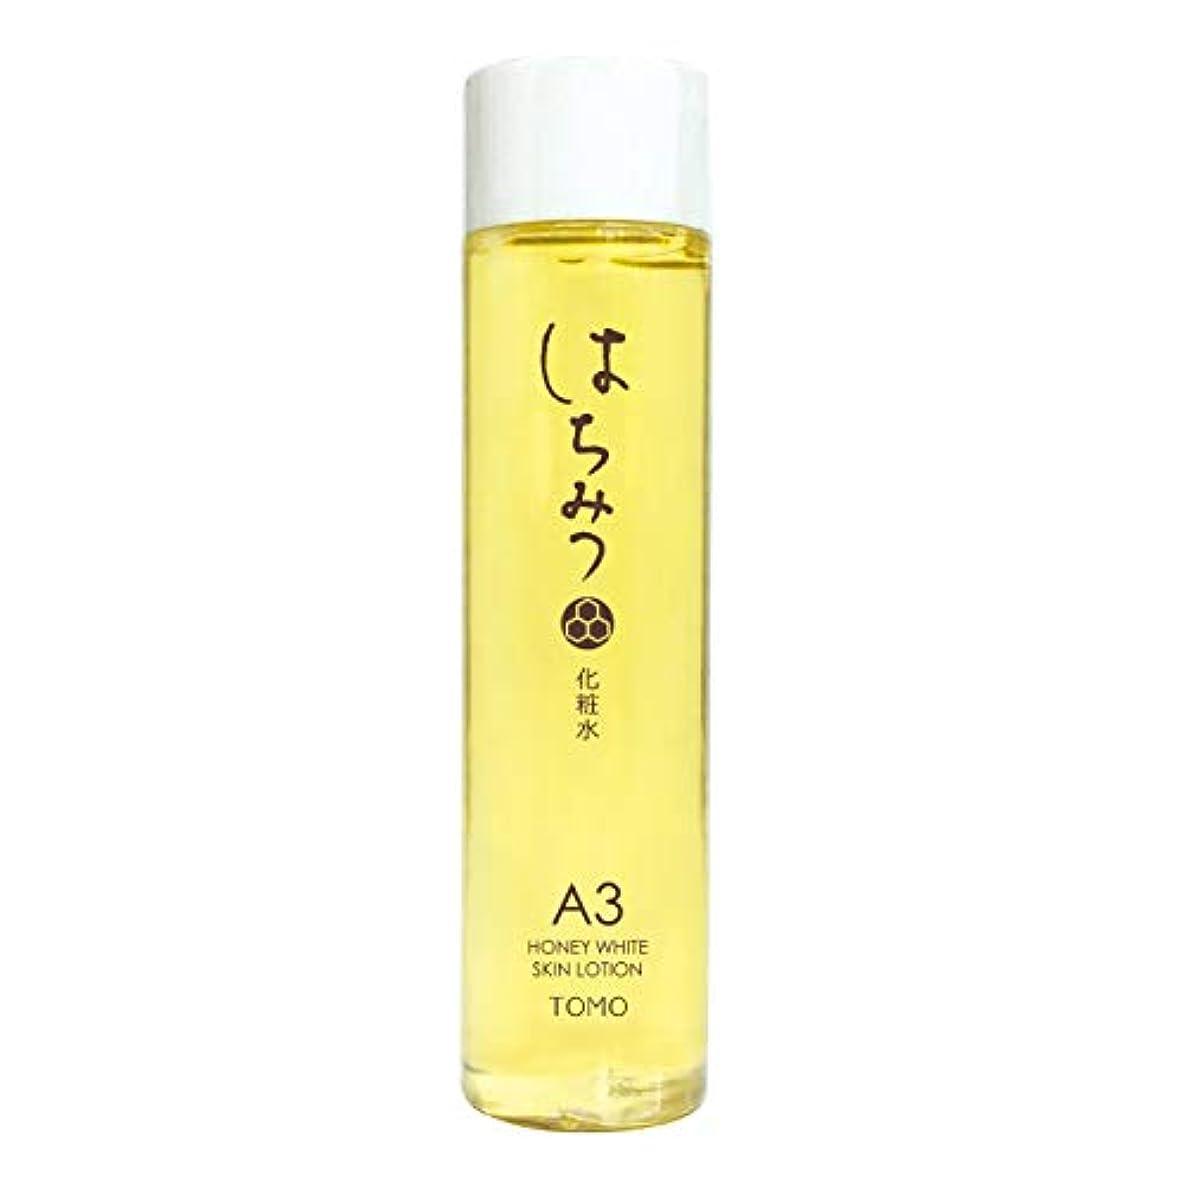 採用自治エンコミウム低刺激 美容成分たっぷり配合 さっぱりタイプのはちみつ化粧水 ハニーホワイトスキンローションA3 120ml